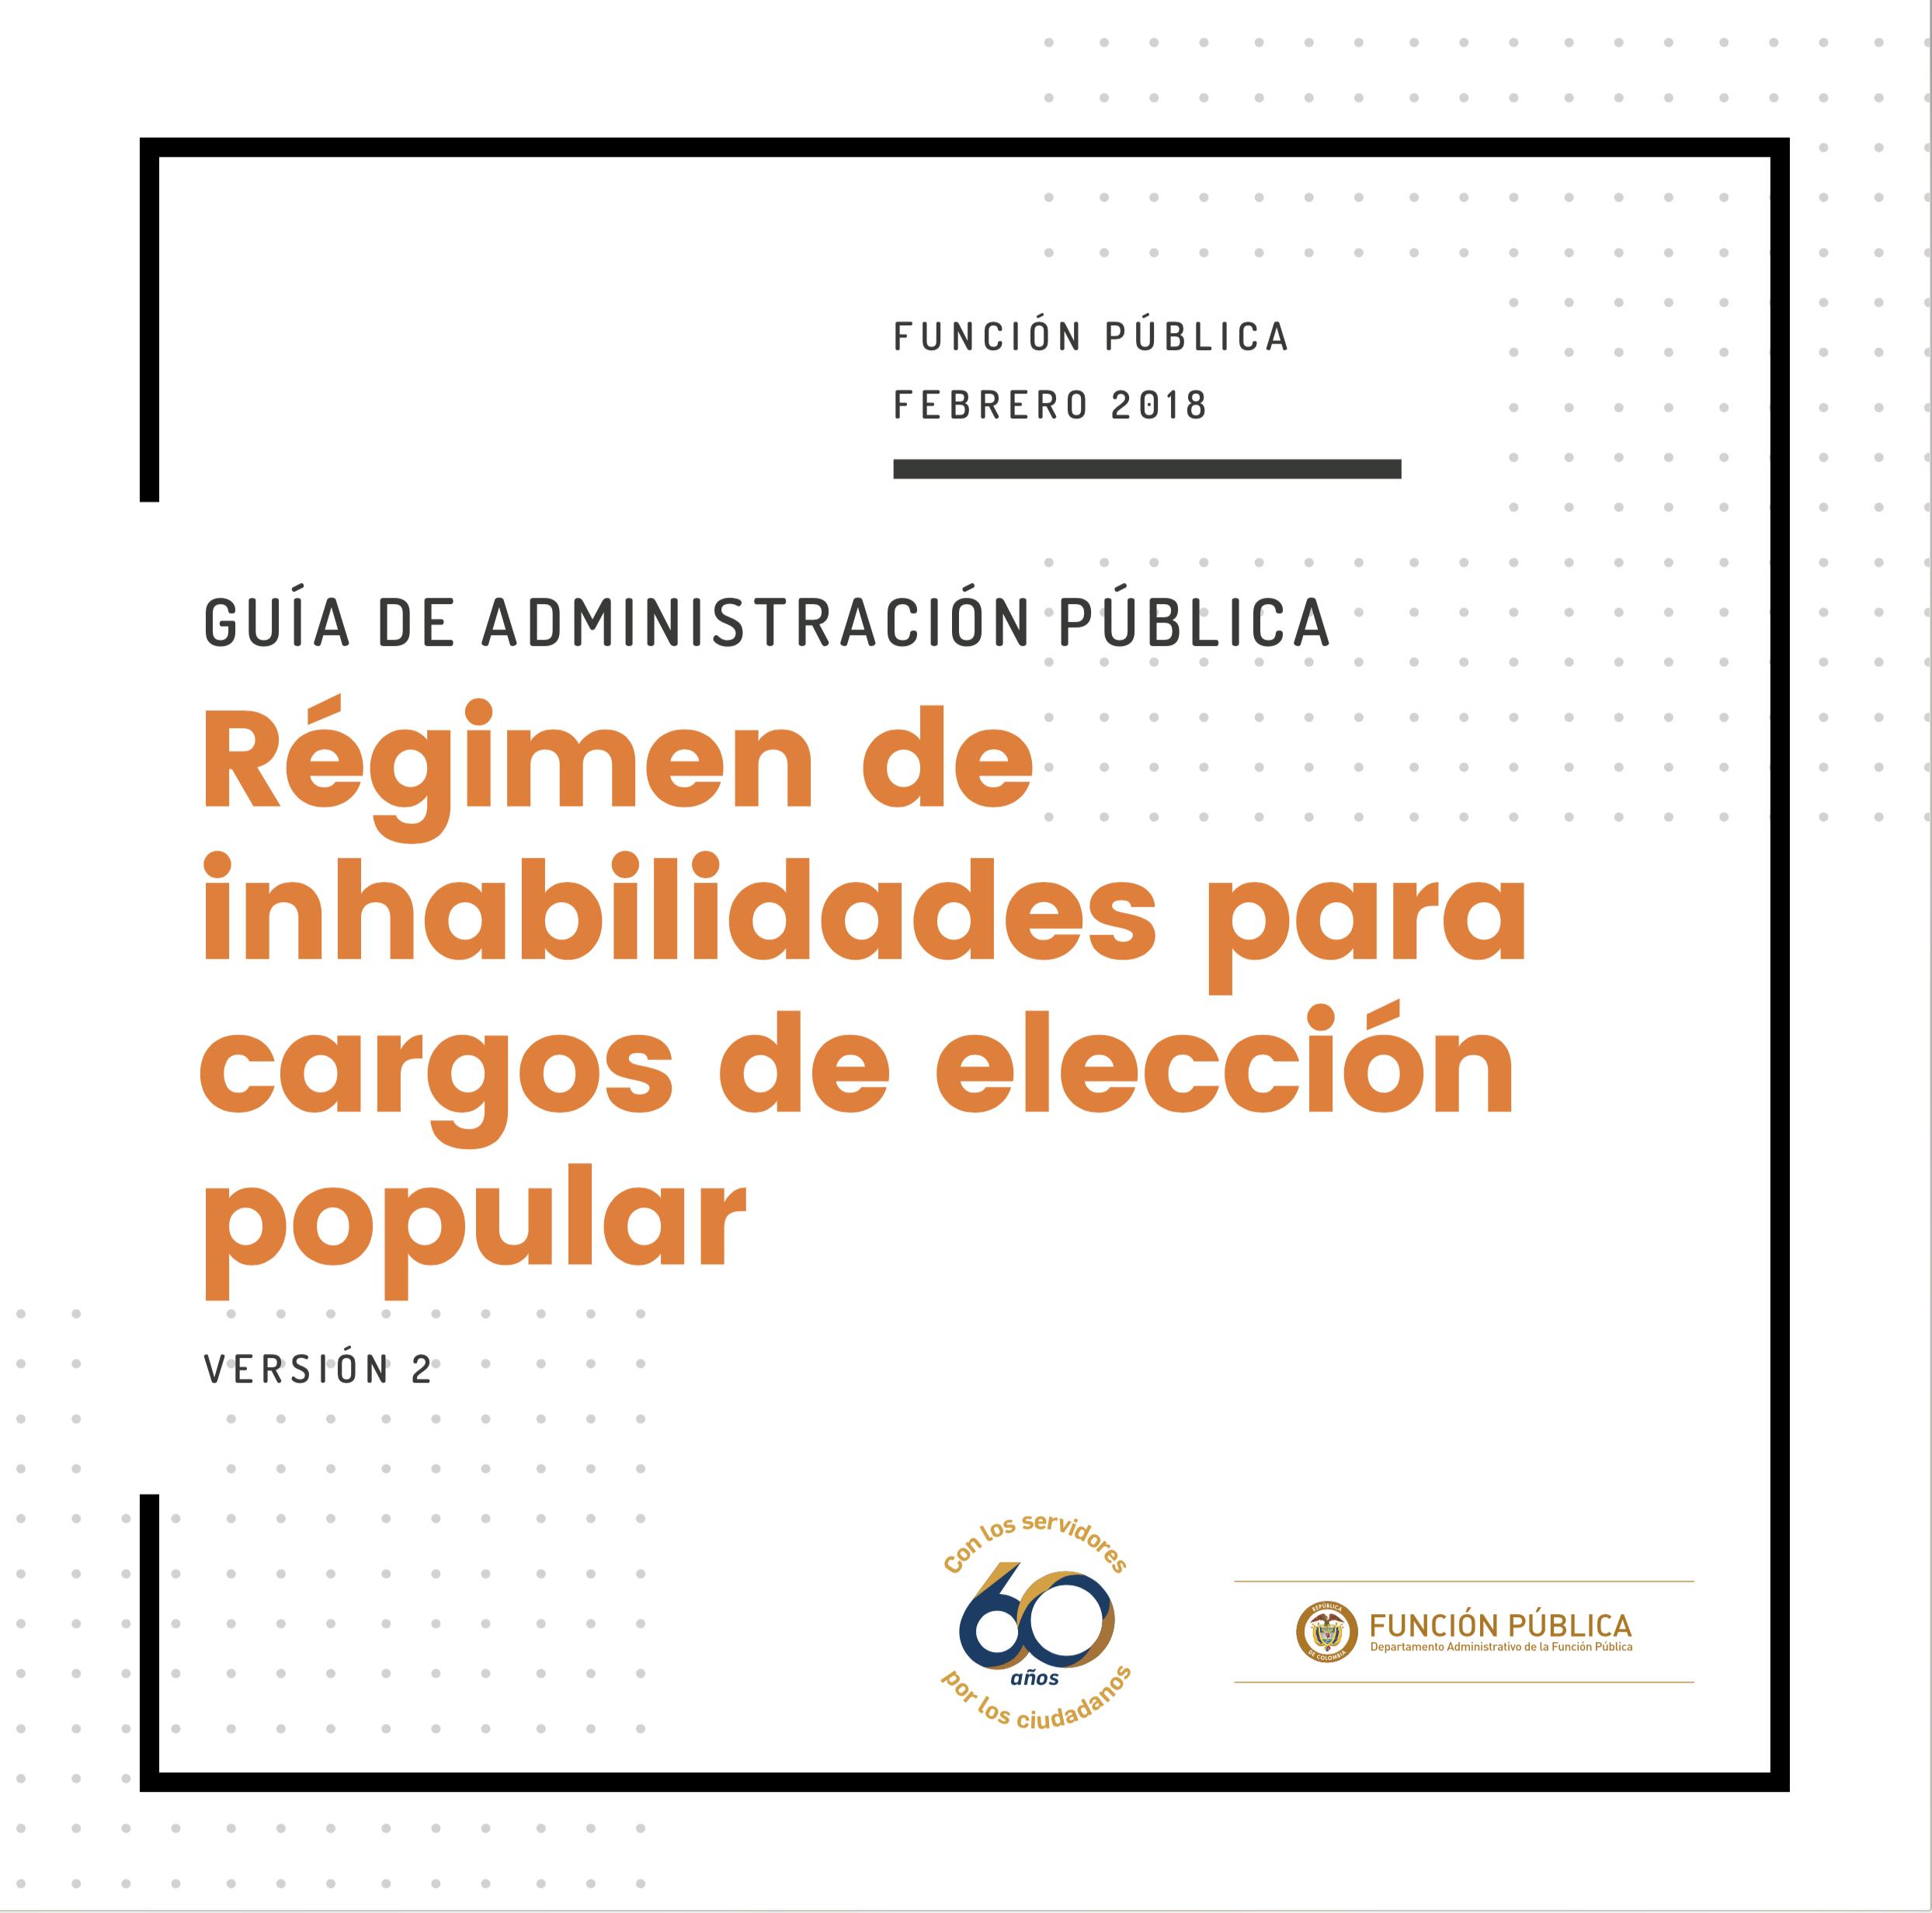 Régimen de inhabilidades para cargos de elección popular